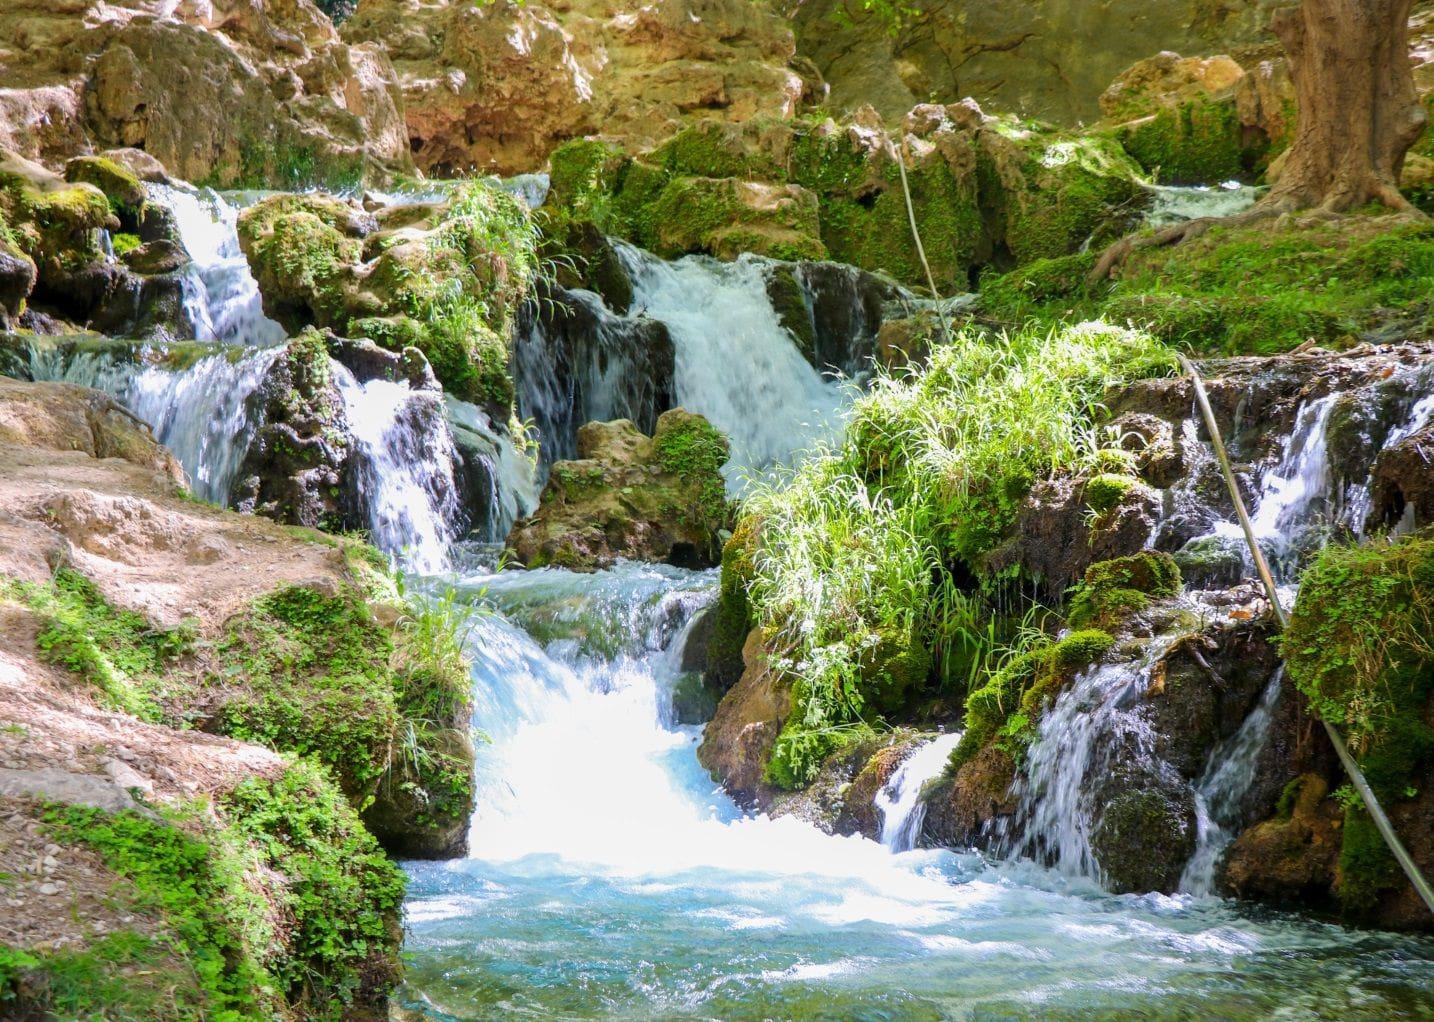 آبشار آتشگاه چهارمحال و بختیاری